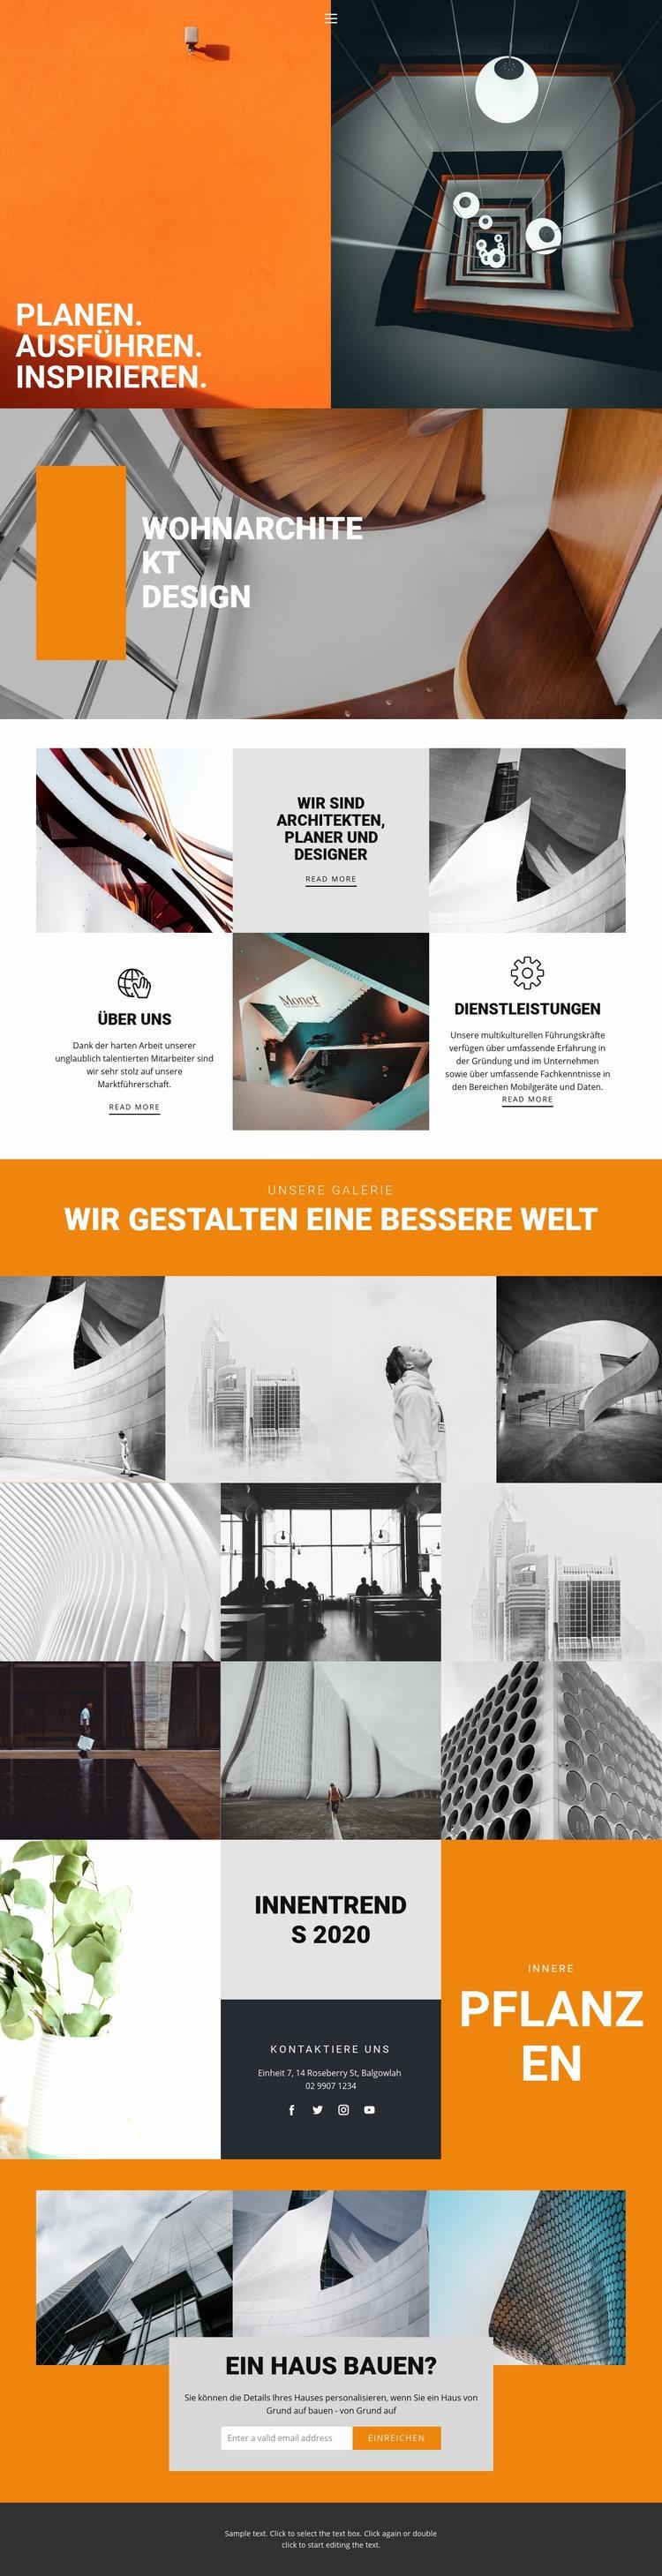 Inspirierende Wege der Architektur Website-Vorlage